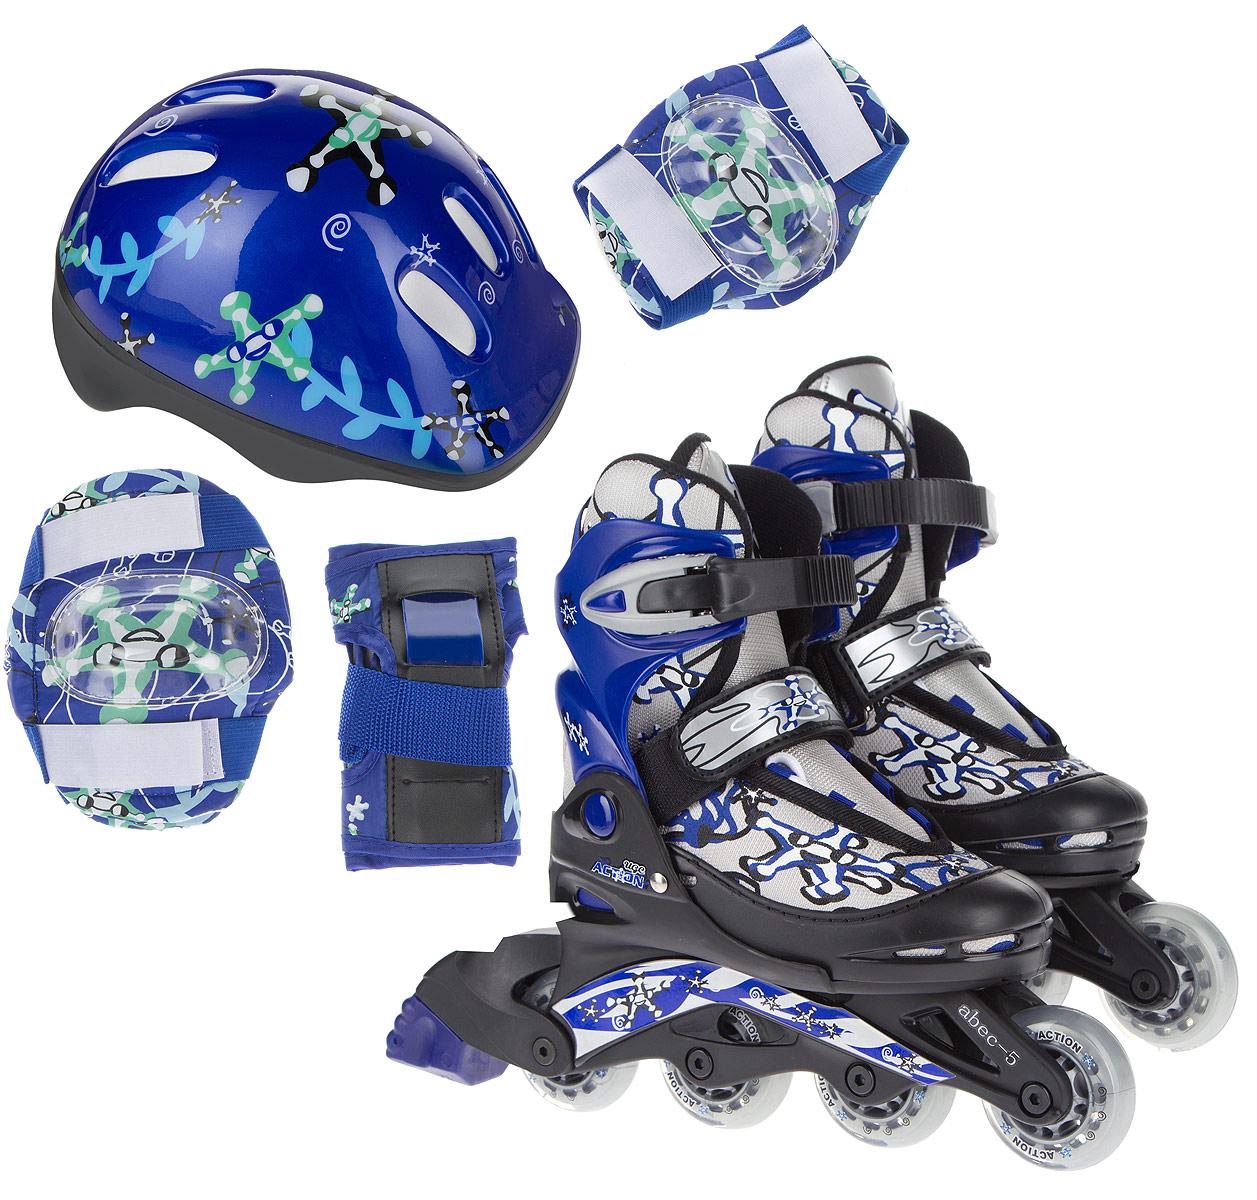 Набор Action: коньки роликовые, защита, шлем, цвет: синий, серый, черный, светло-зеленый, белый. PW-780. Размер 34/37PW-780Набор для катания на роликах Action состоит из роликовых коньков, защиты (колени, локти, запястья) и шлема. Ботинок конька изготовлен из текстильного материла со вставкам из искусственной кожи, обеспечивающих максимальную вентиляцию ноги. Облегченная конструкция ботинка из пластика обеспечивает улучшенную боковую поддержку и полный контроль над движением. Изделие по верху декорировано оригинальным принтом. Подкладка из мягкого текстиля комфортна при езде. Стелька изготовлена из ЭВА материала с текстильной верхней поверхностью. Классическая шнуровка с ремнем на липучке обеспечивает плотное закрепление пятки. На голенище модель фиксируется клипсой с фиксатором. Прочная рама из полипропилена отлично передает усилие ноги и позволяет быстро разгоняться. Полиуретановые колеса обеспечат плавное и бесшумное движение. Износостойкие подшипники класса ABEC-5 наименее восприимчивы к попаданию влаги и песка. Задник оснащен широкой текстильной петлей, благодаря которой изделие удобно обувать....